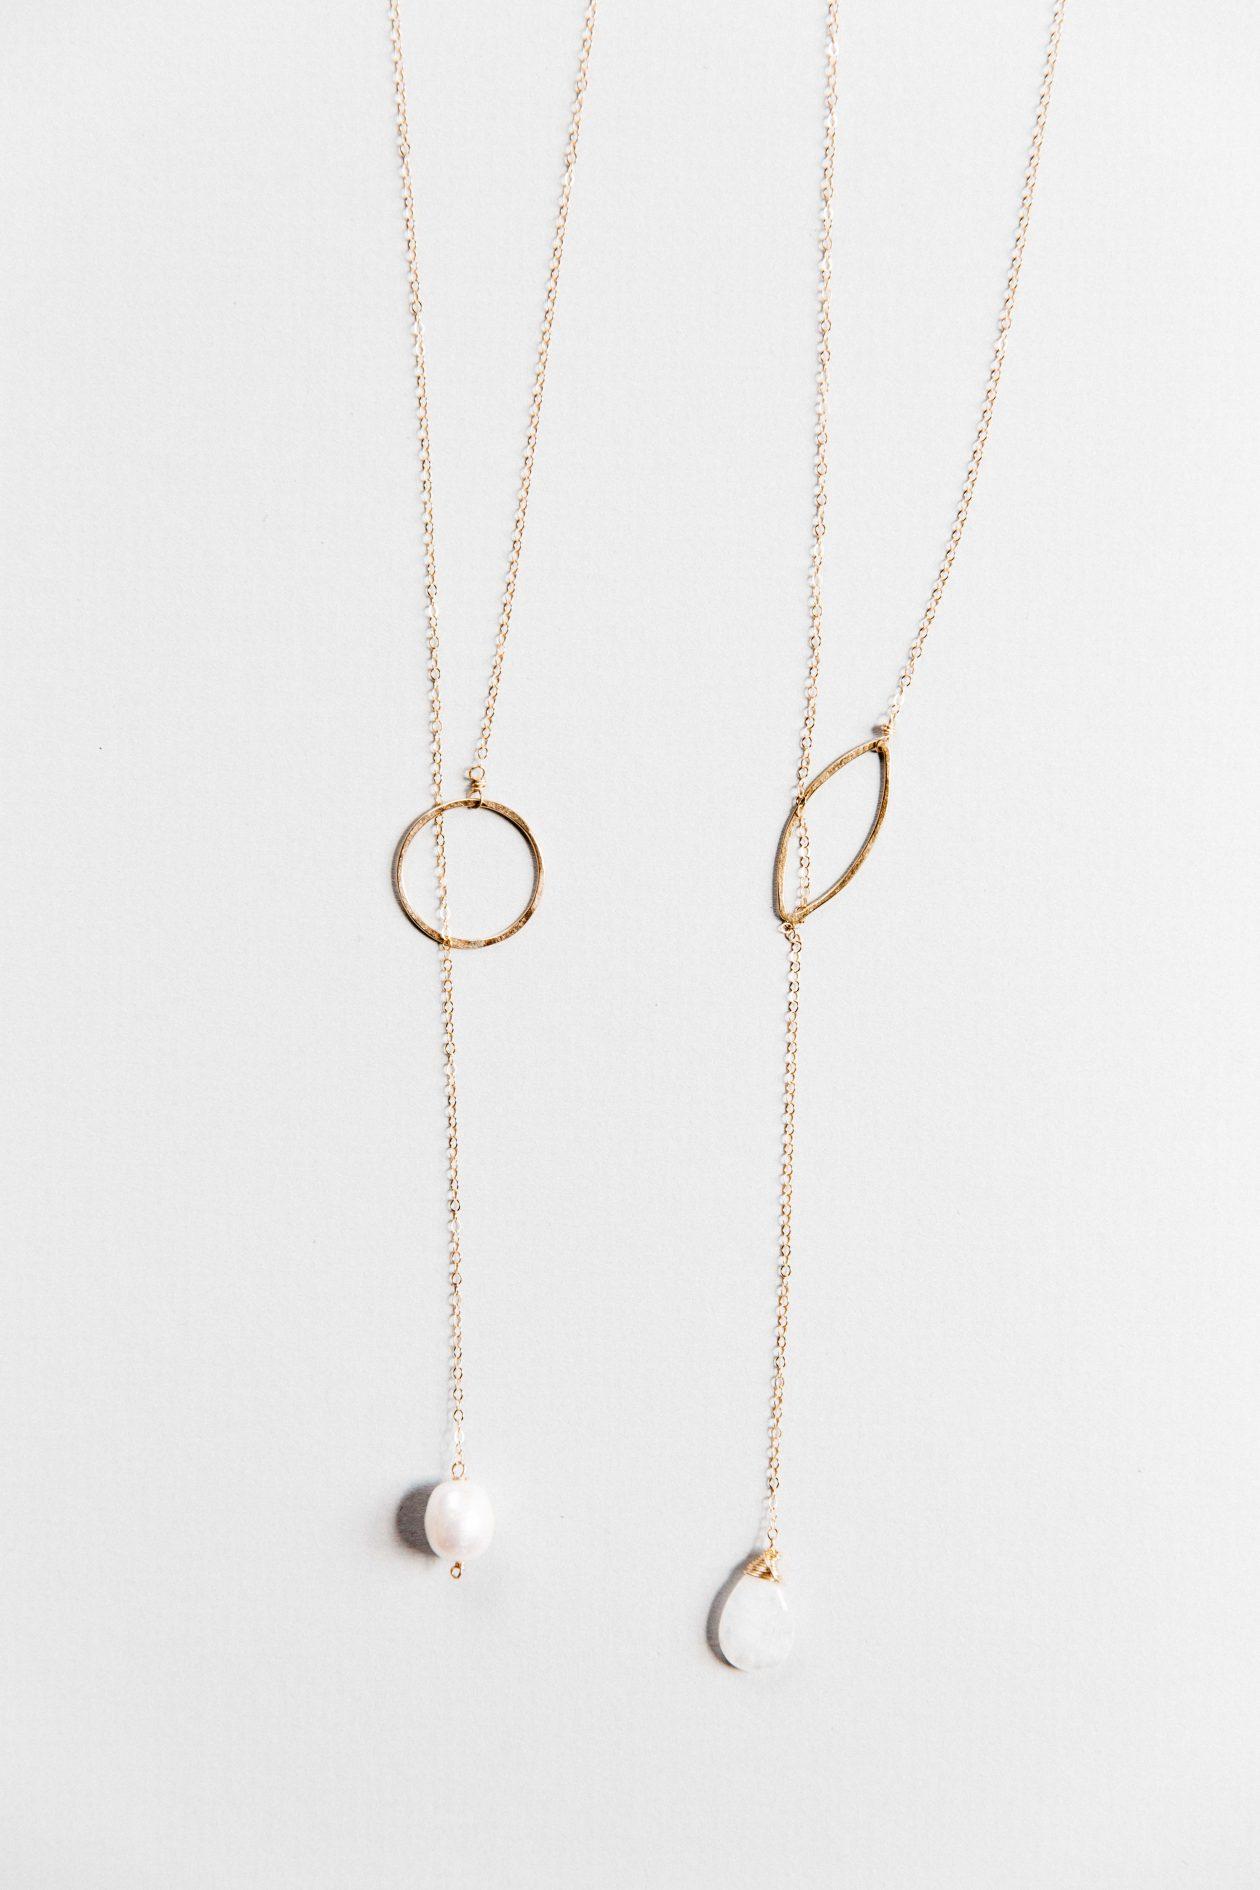 Single Pearl Lariat JK Designs Jewelry